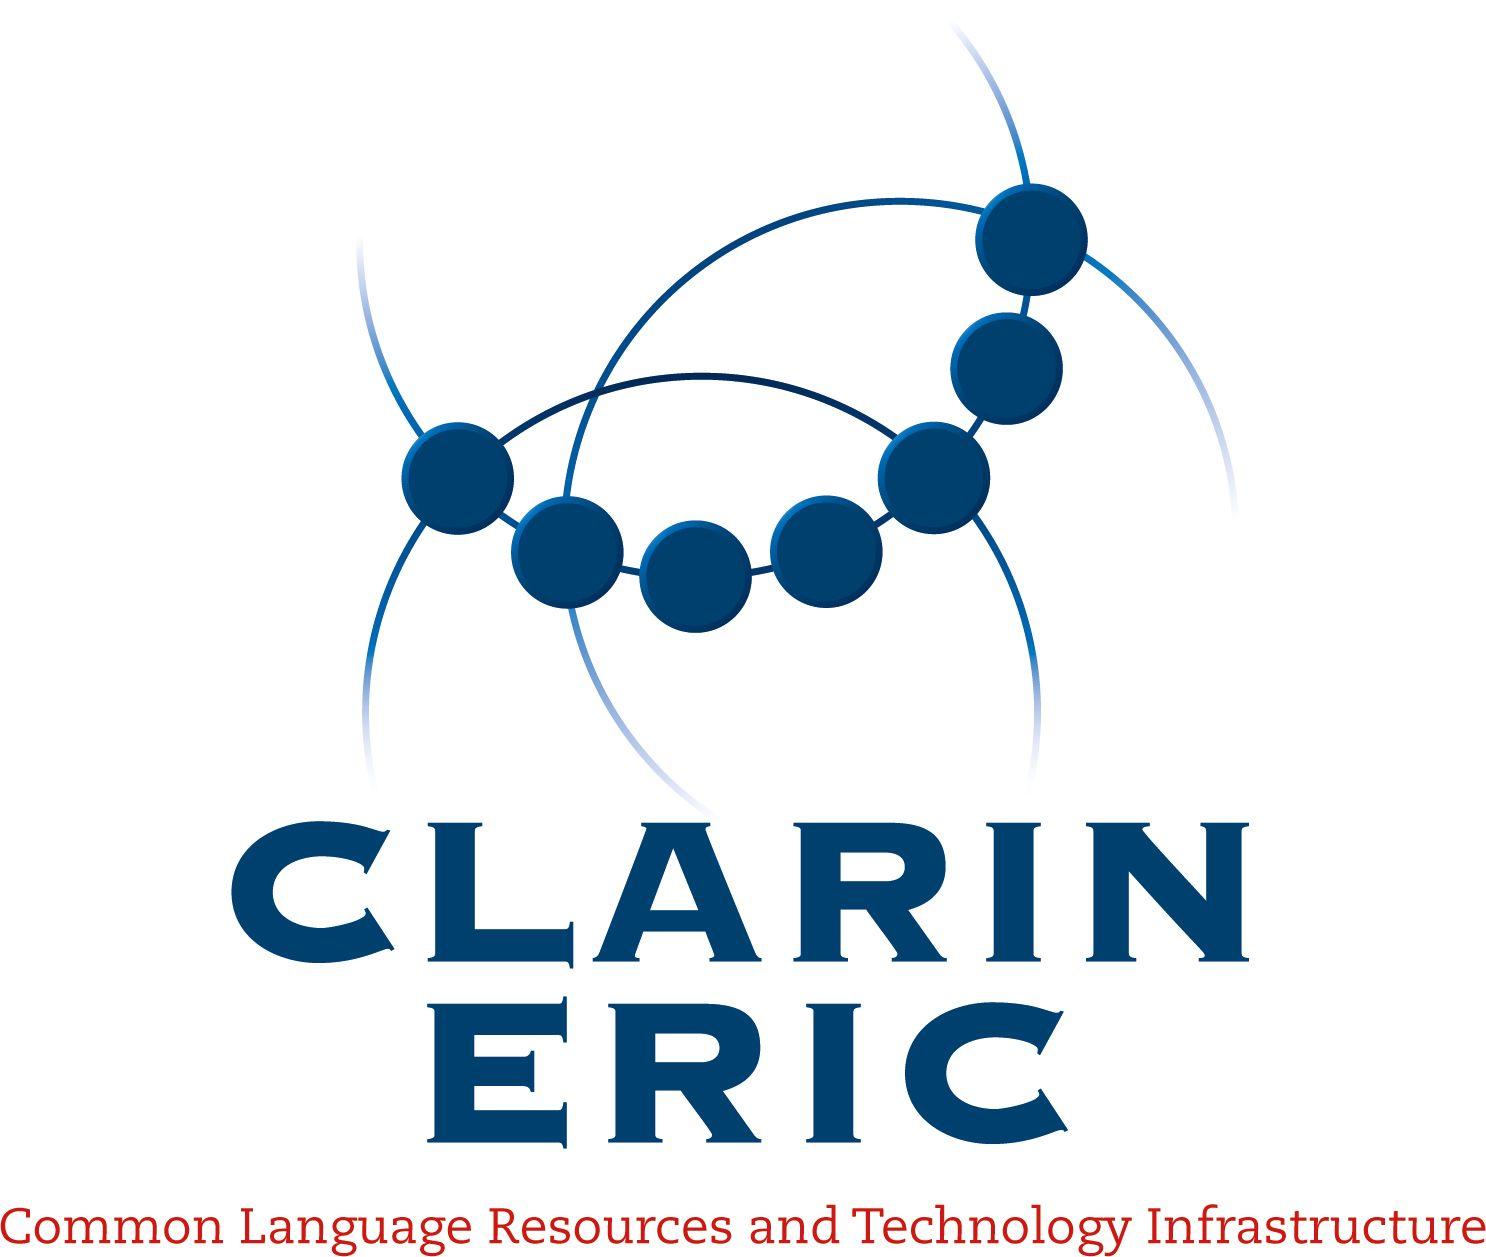 Logo des europäischen Forschungsverbundes CLARIN ERIC